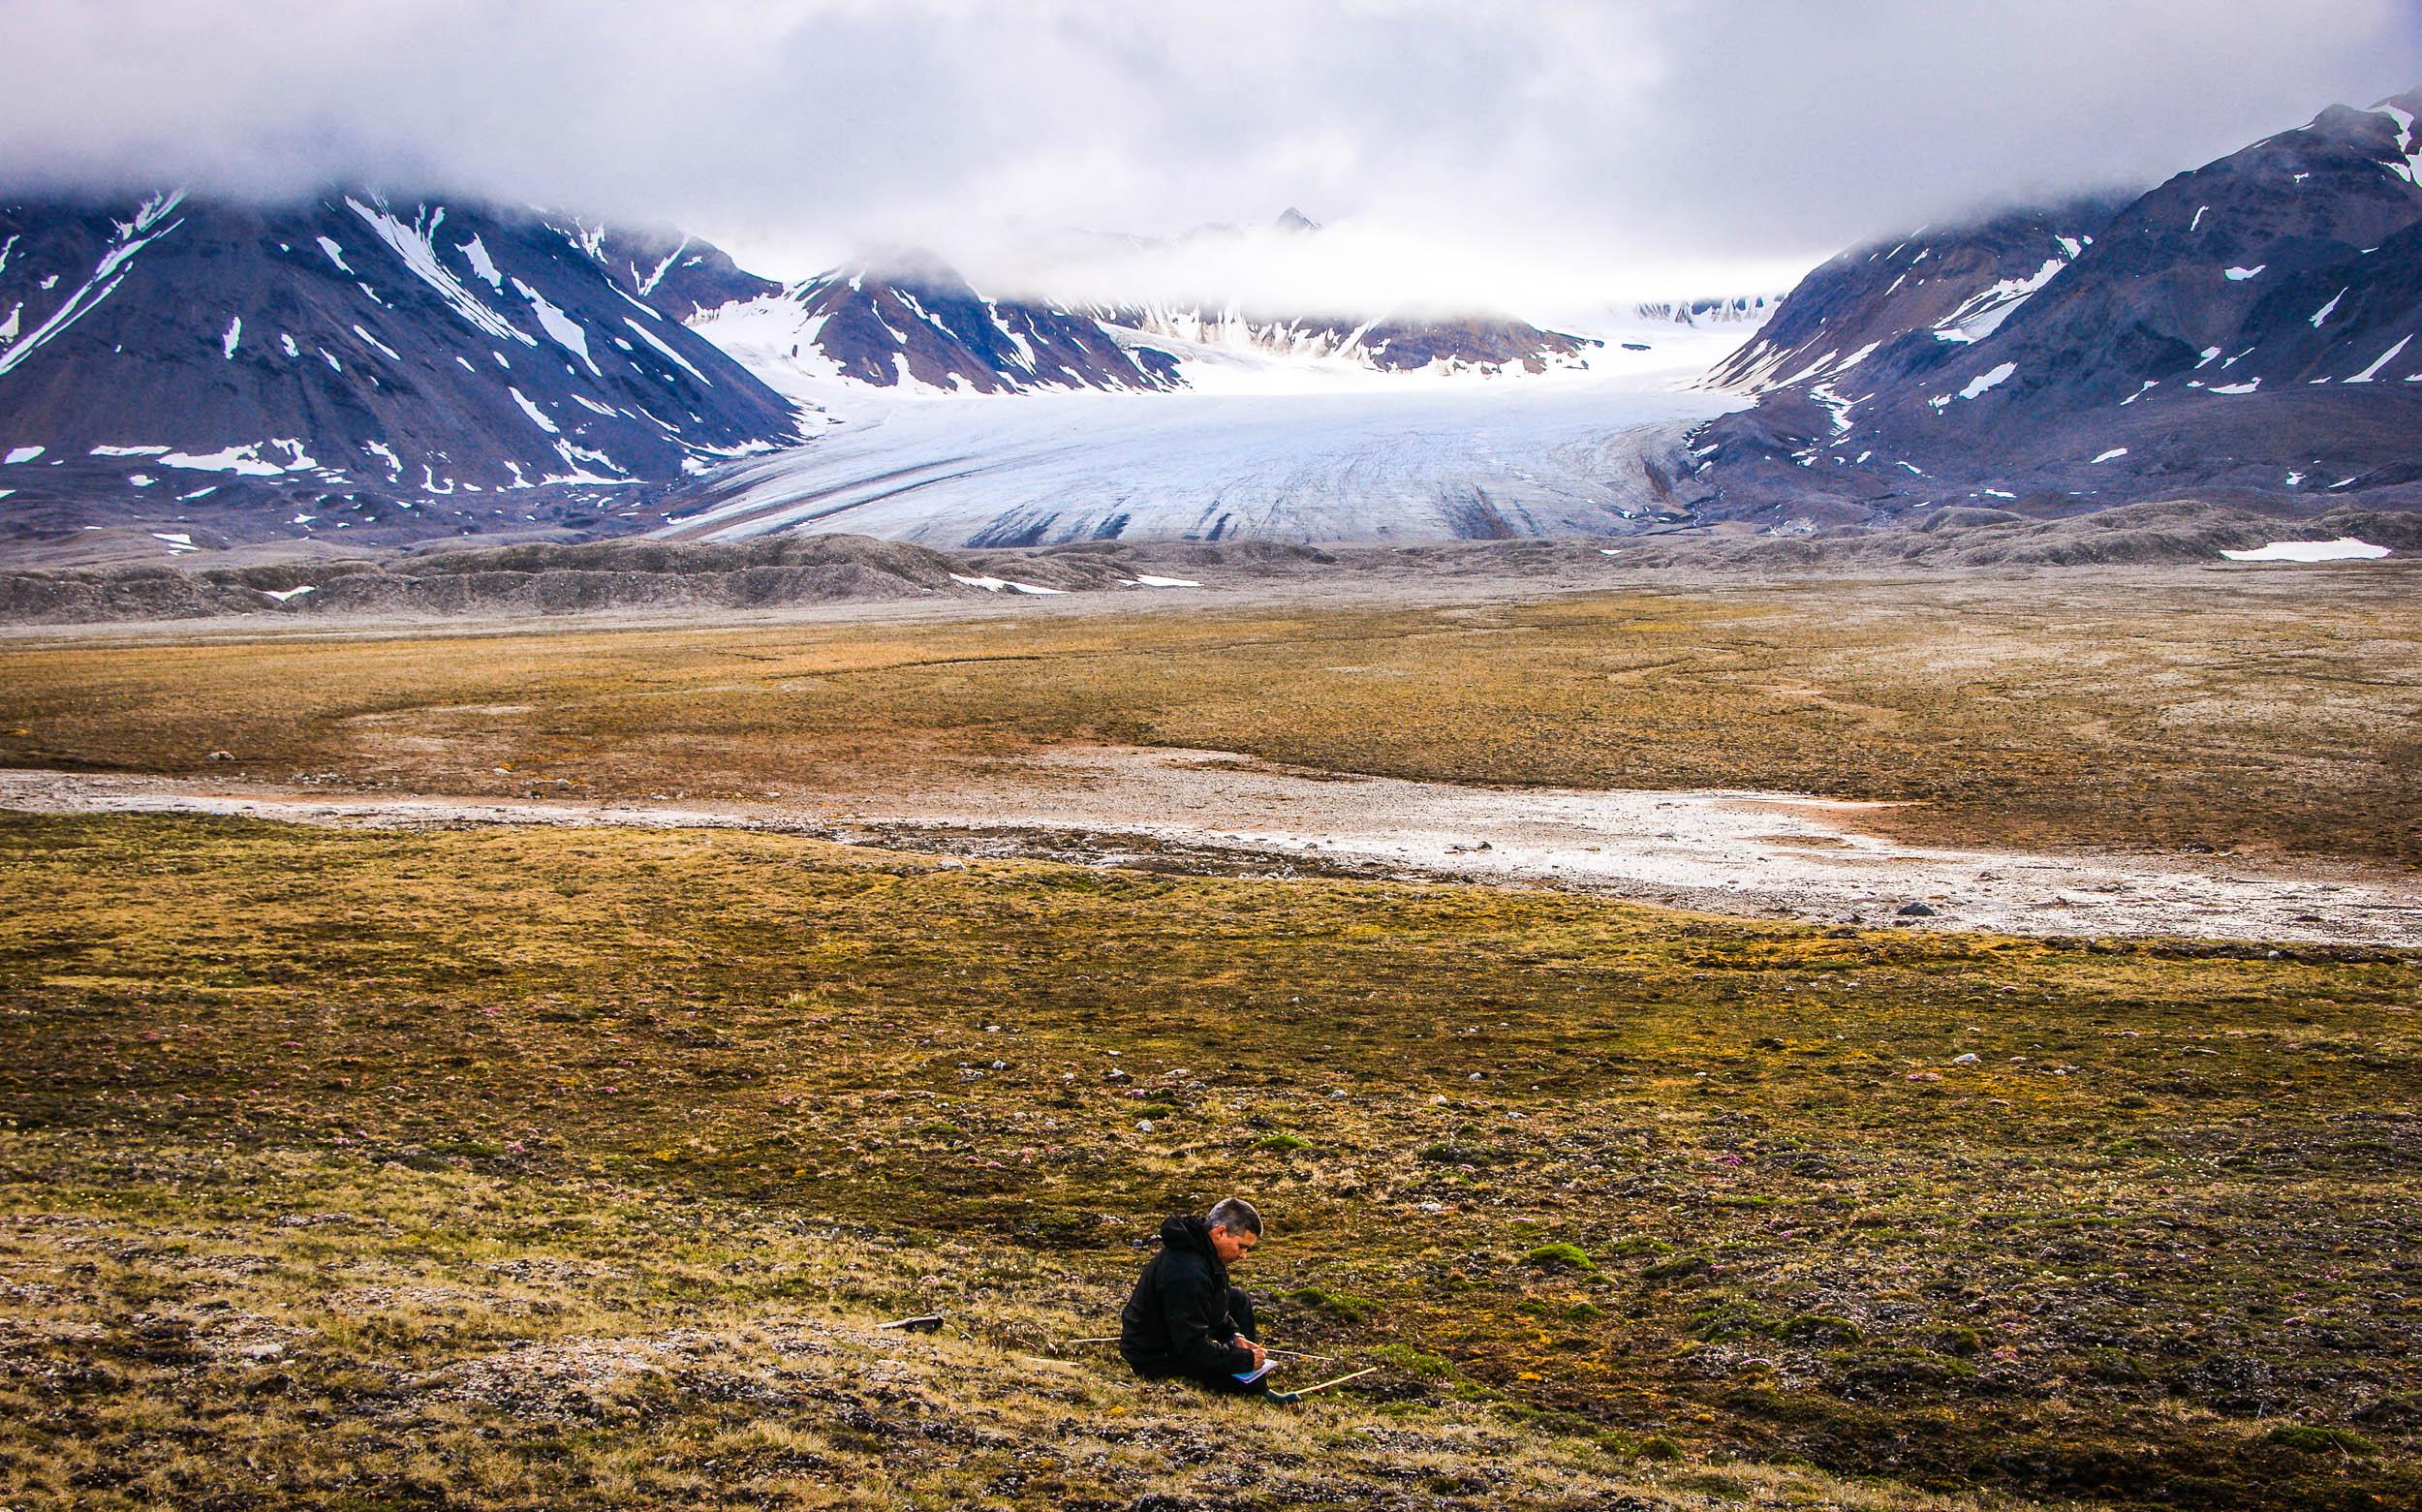 Jarle W. Bjerke doing research work with Vestre Brøggerbreen glacier in the background.  JONAA©Trond Johnsen